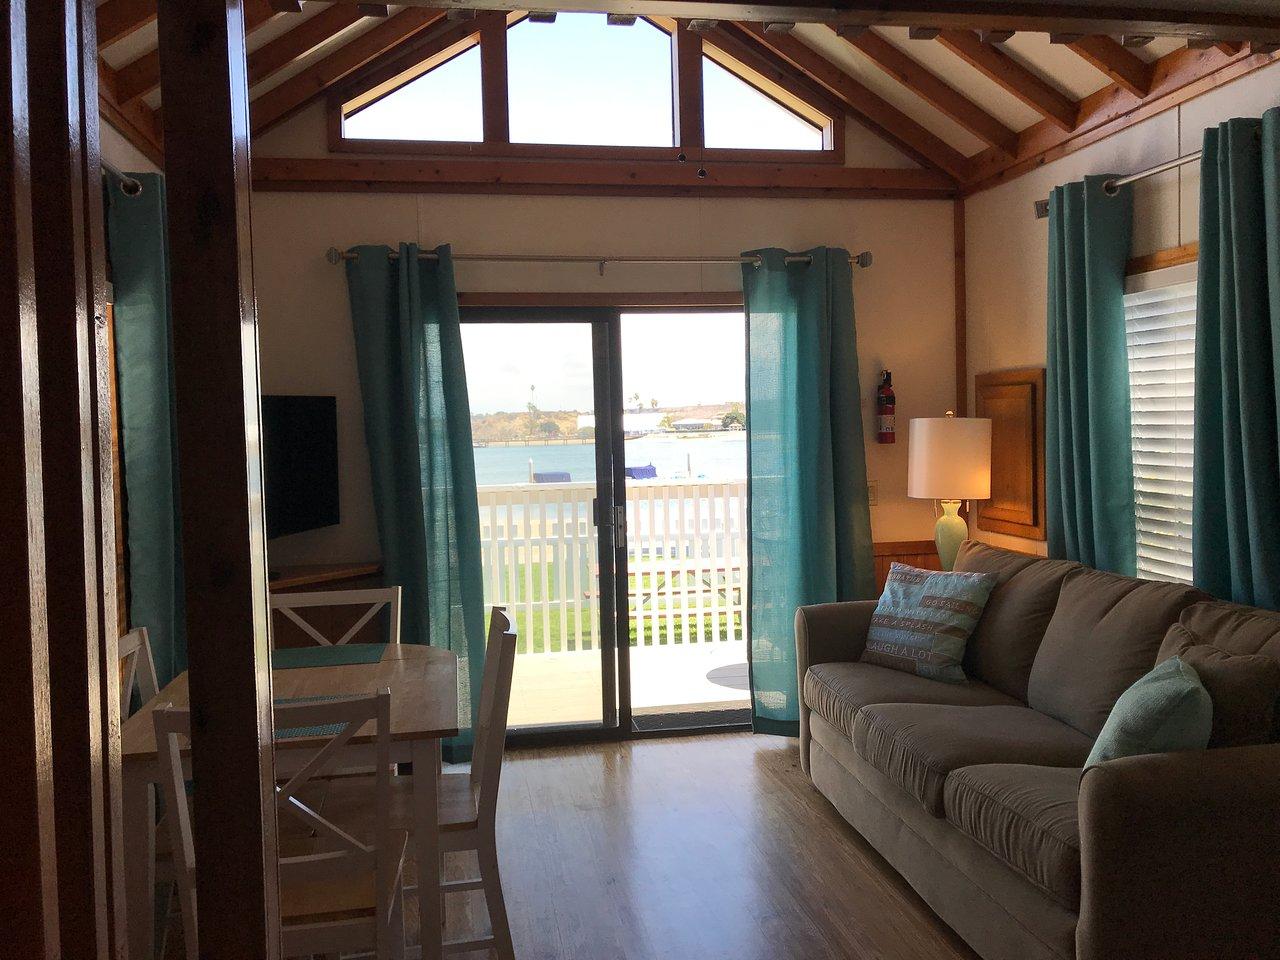 Newport Dunes Waterfront Resort Updated 2019 Prices